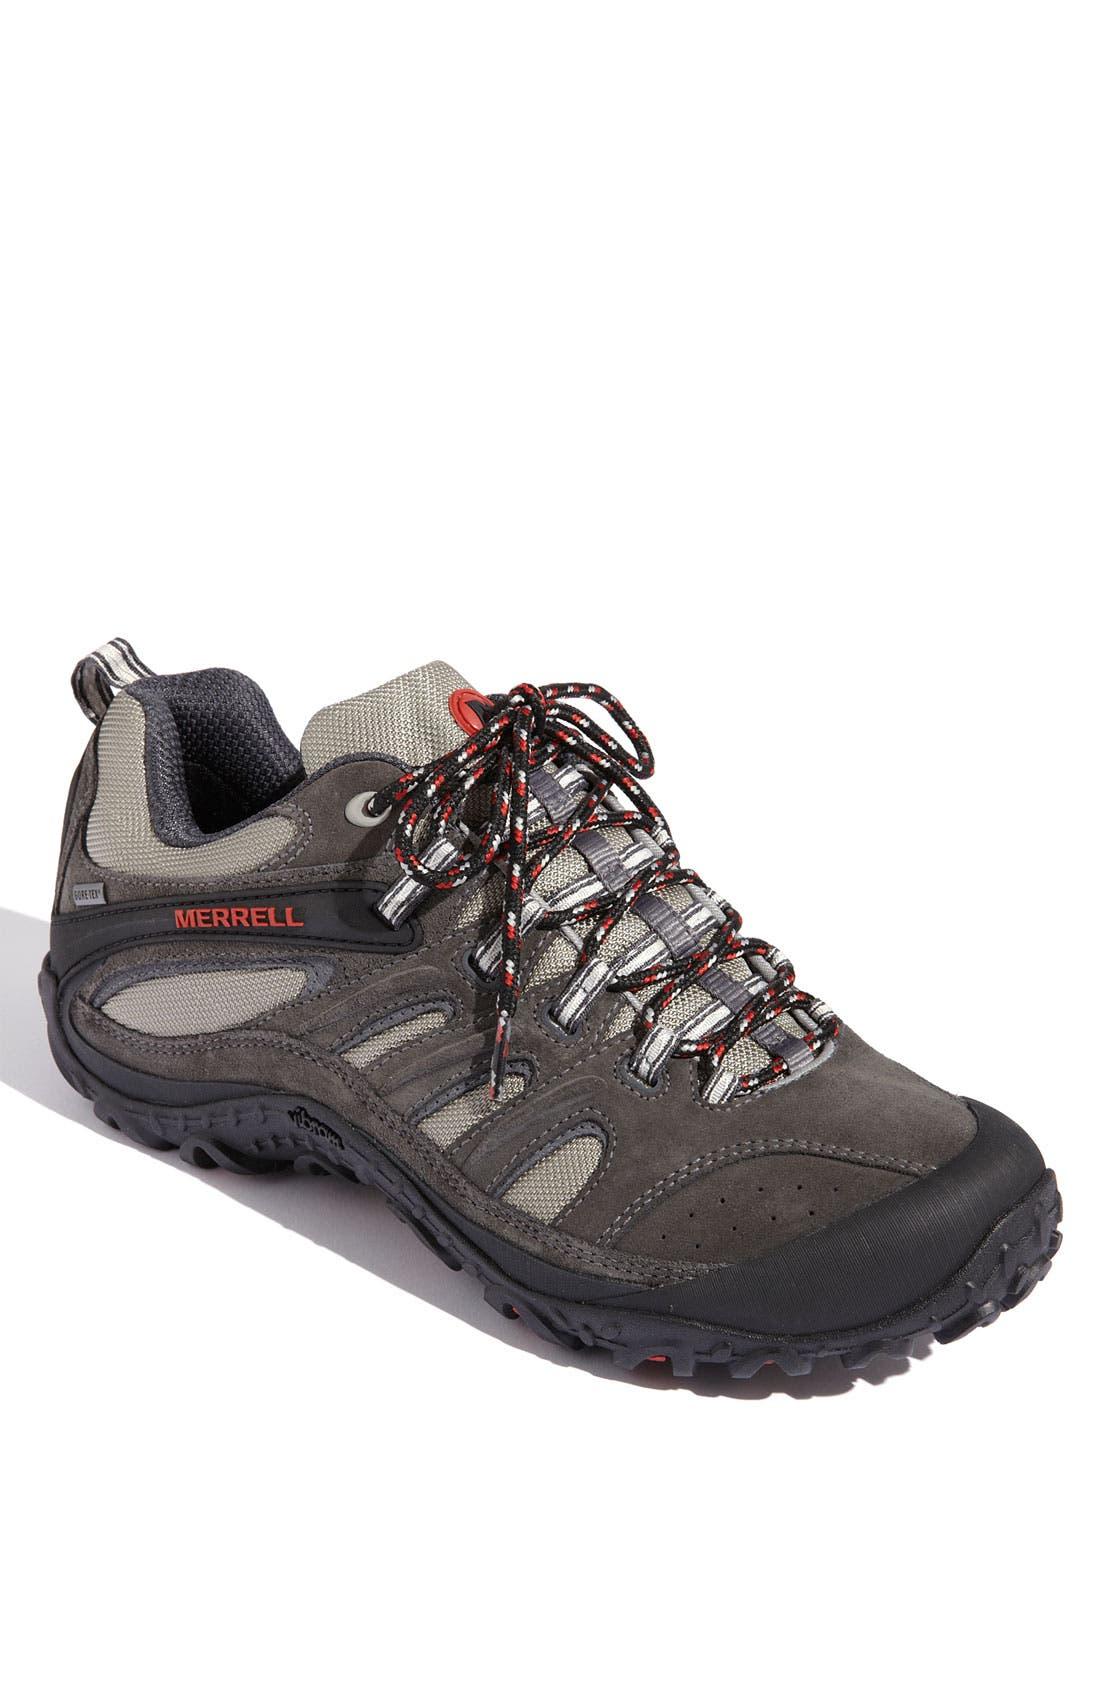 Main Image - Merrell 'Chameleon 4 Ventilator GTX' Hiking Shoe (Men)